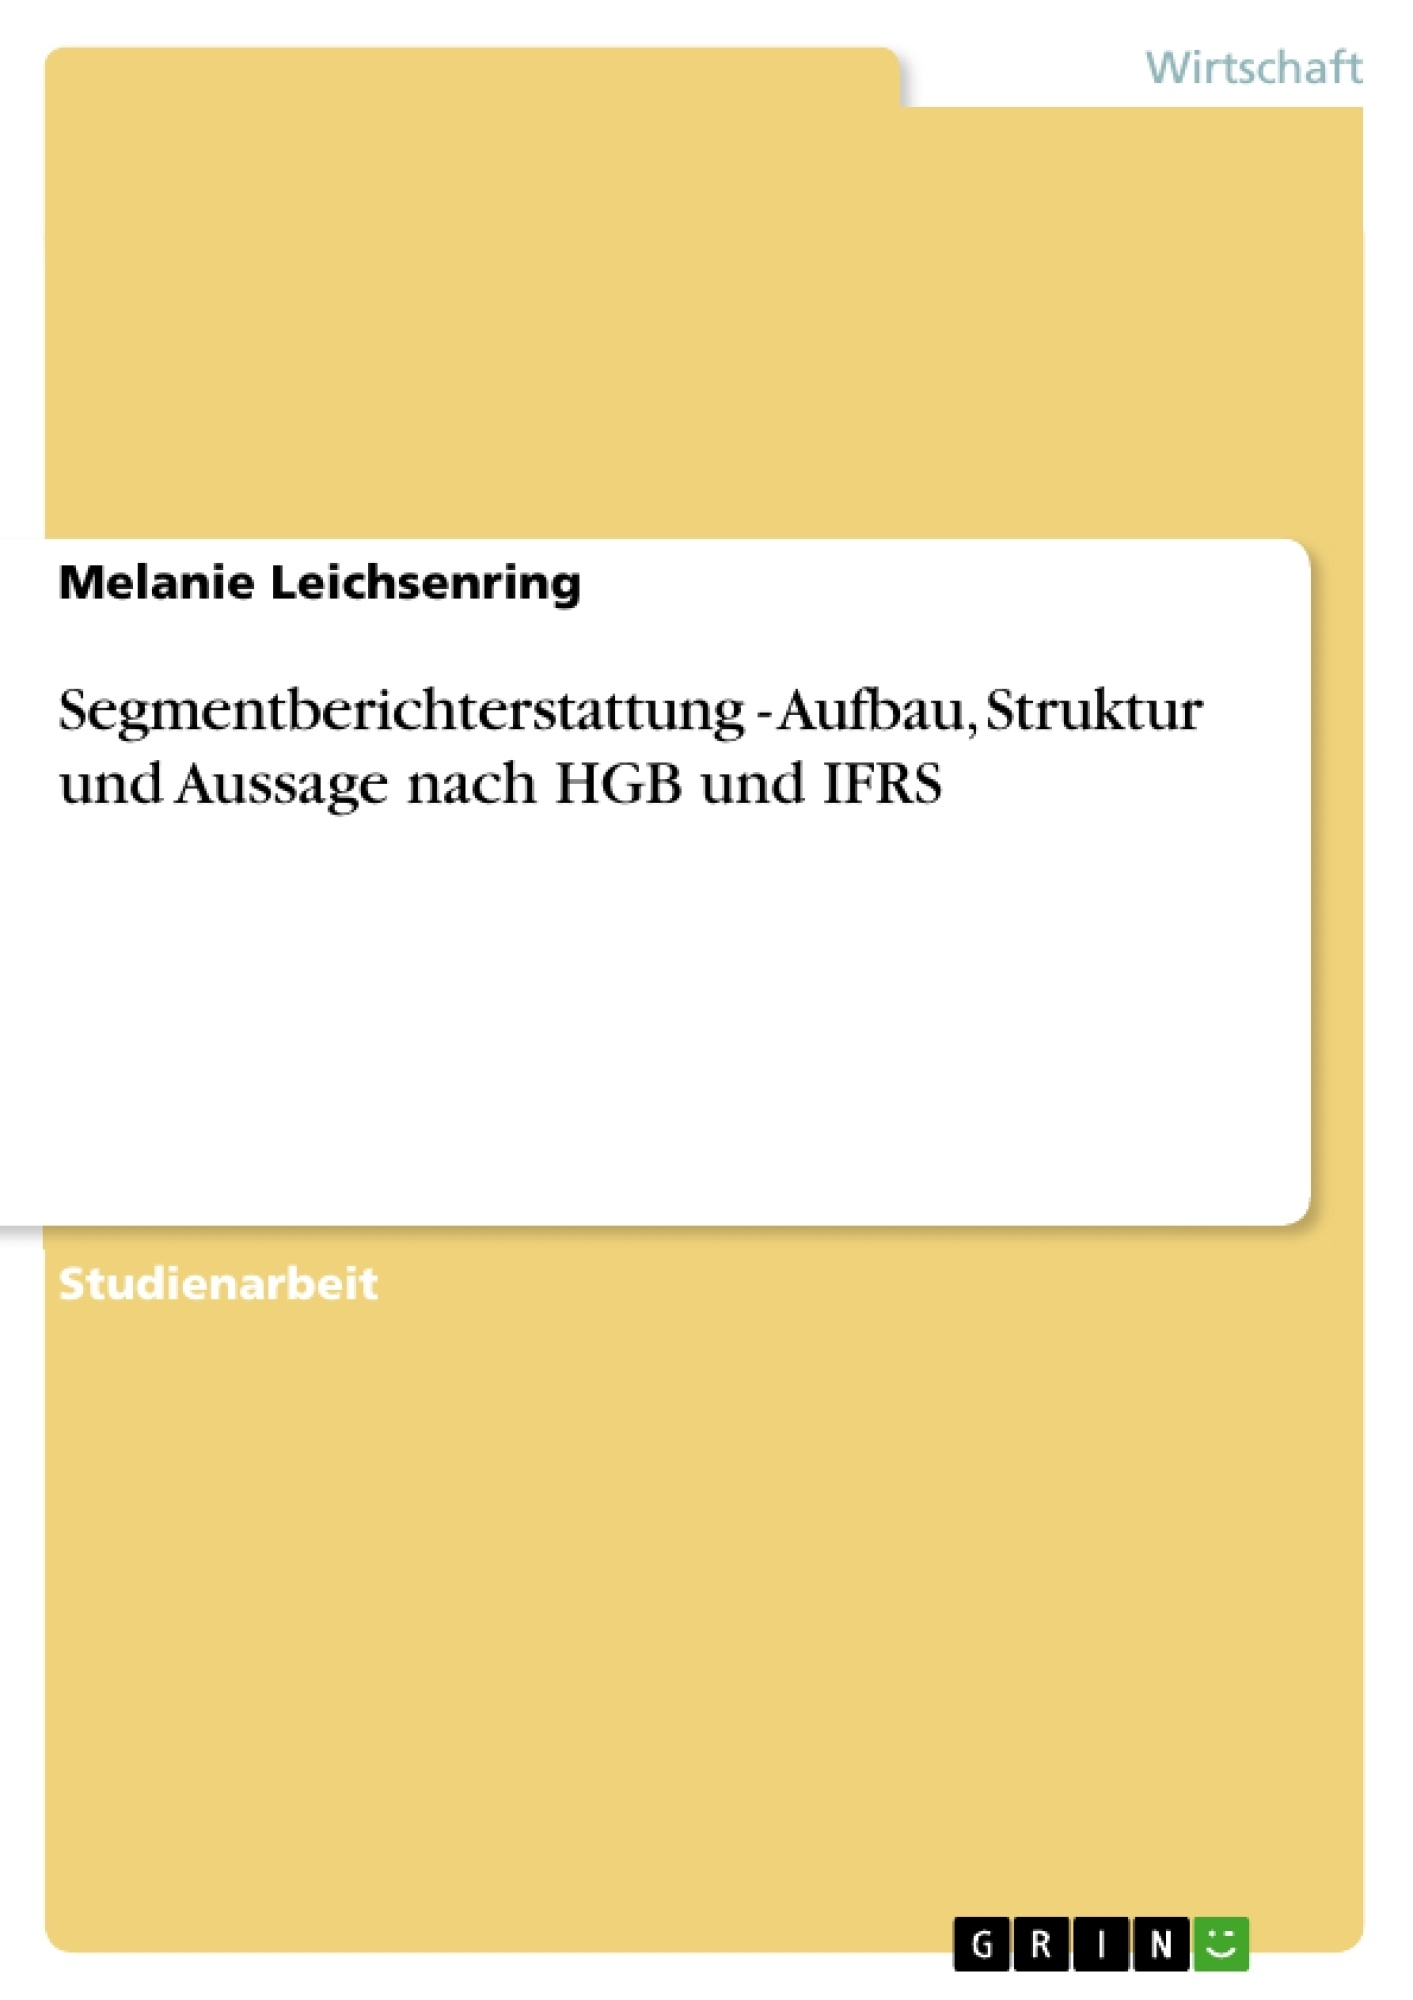 Titel: Segmentberichterstattung - Aufbau, Struktur und Aussage nach HGB und IFRS